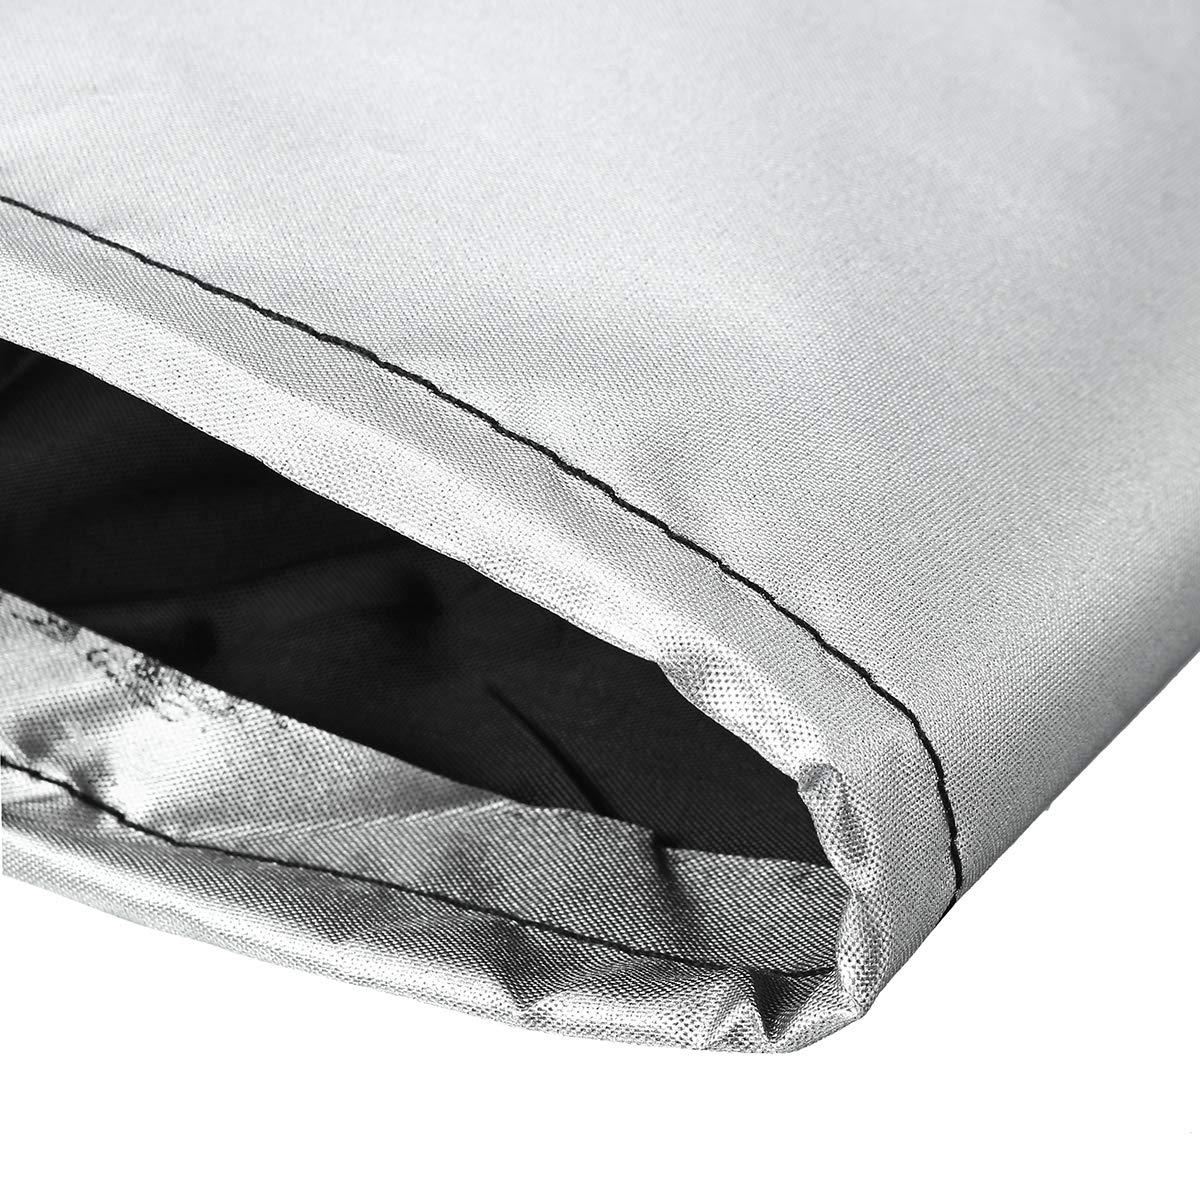 dDanke 215x215x87x80 cm Wasserdichte staubdichte Polyester Outdoor Ecksofa L-Form Abdeckung f/ür Terrasse Garten Lounge Sofa Silber